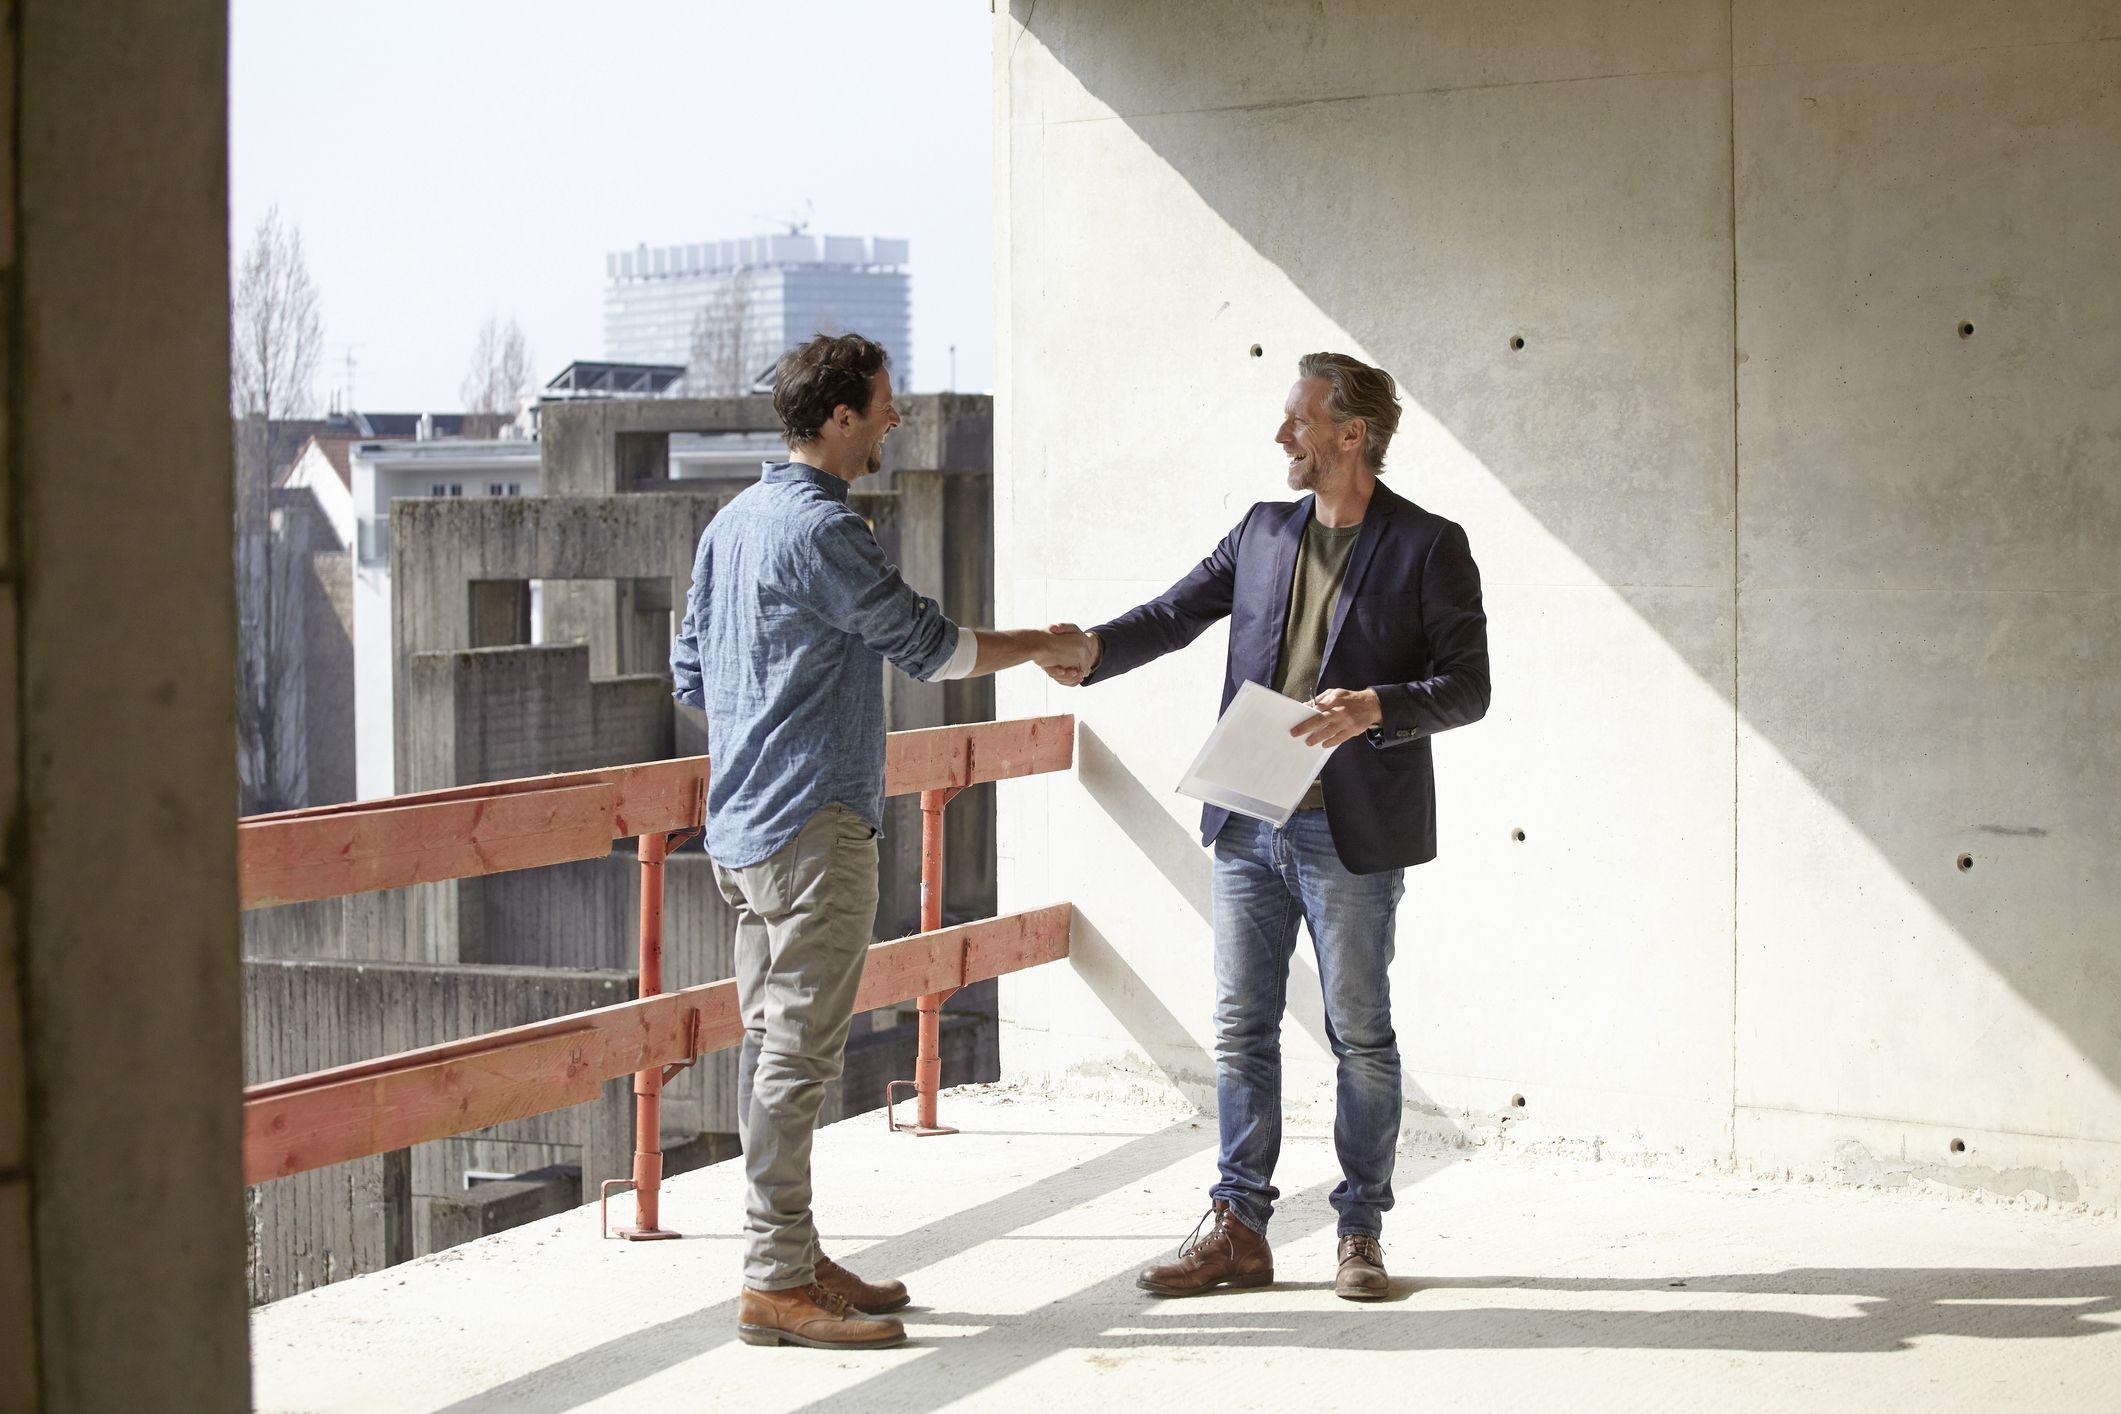 Как договориться о строительных работах по подряду?